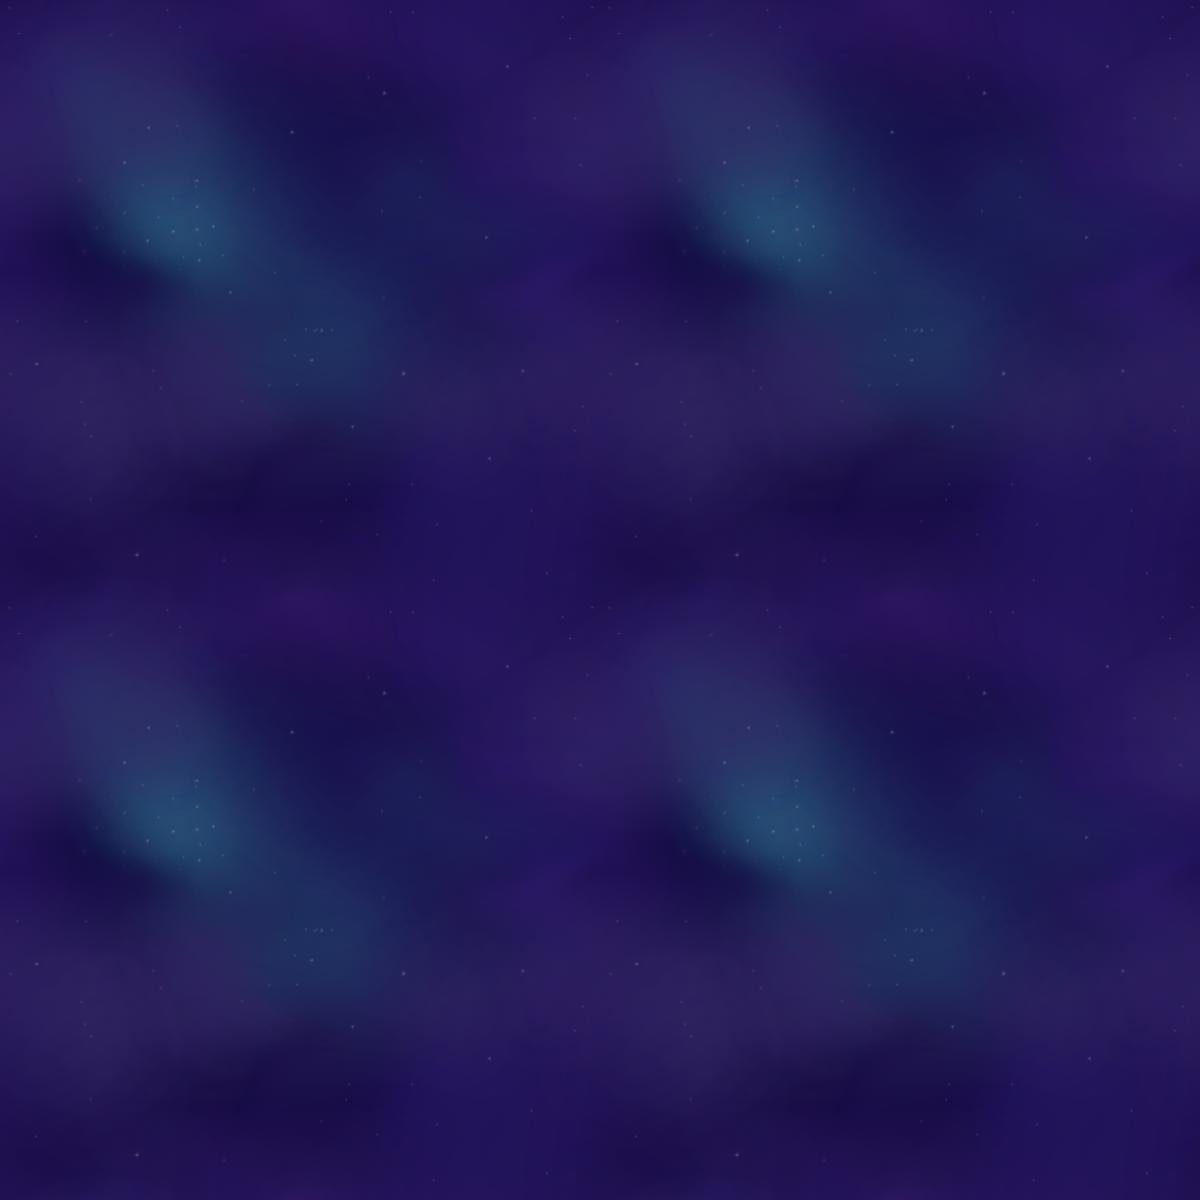 Unendlichen Hintergrund erstellen Endlos2-6